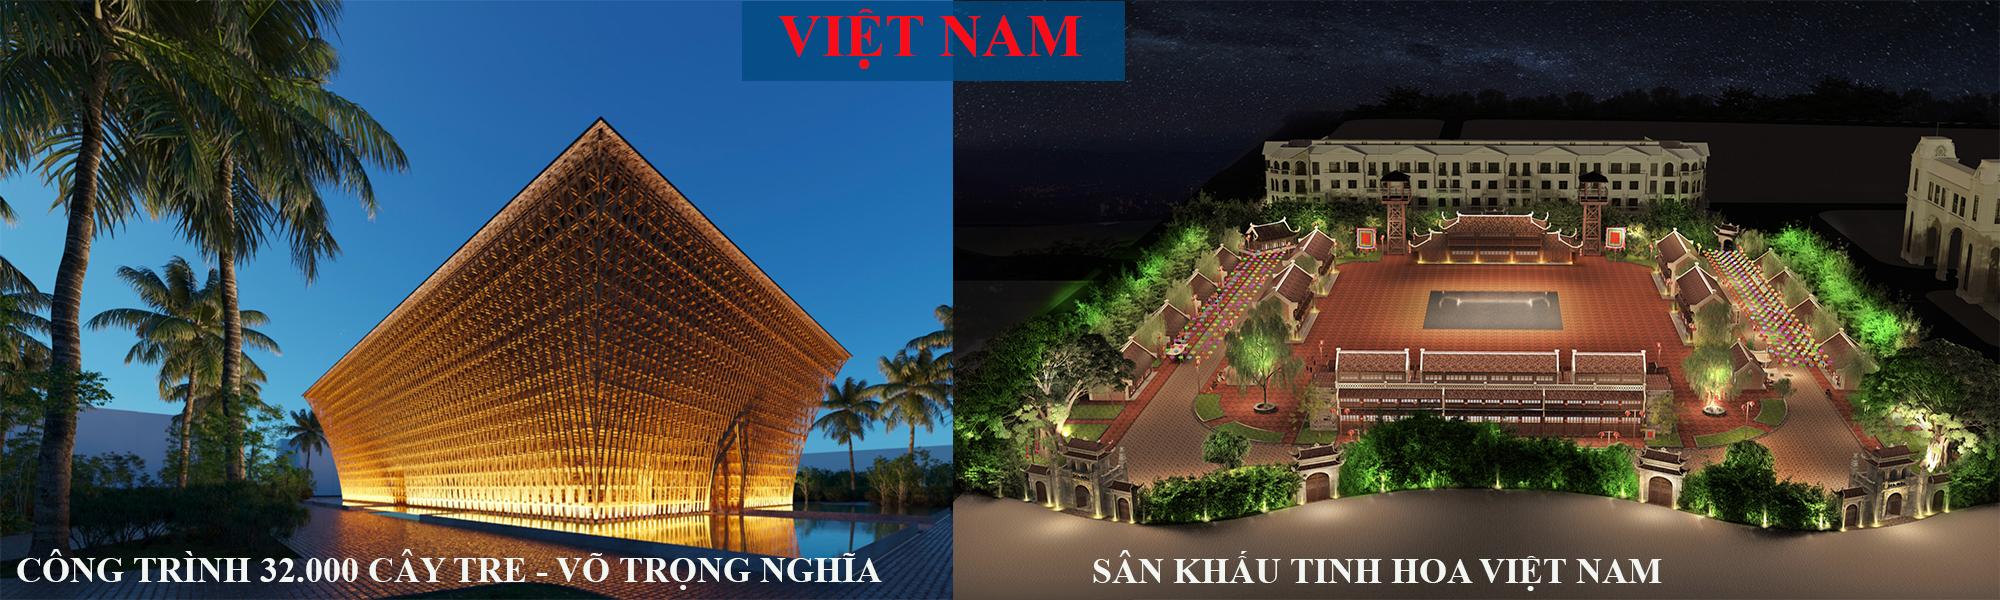 Biểu tượng Việt Nam tại GrandWorld